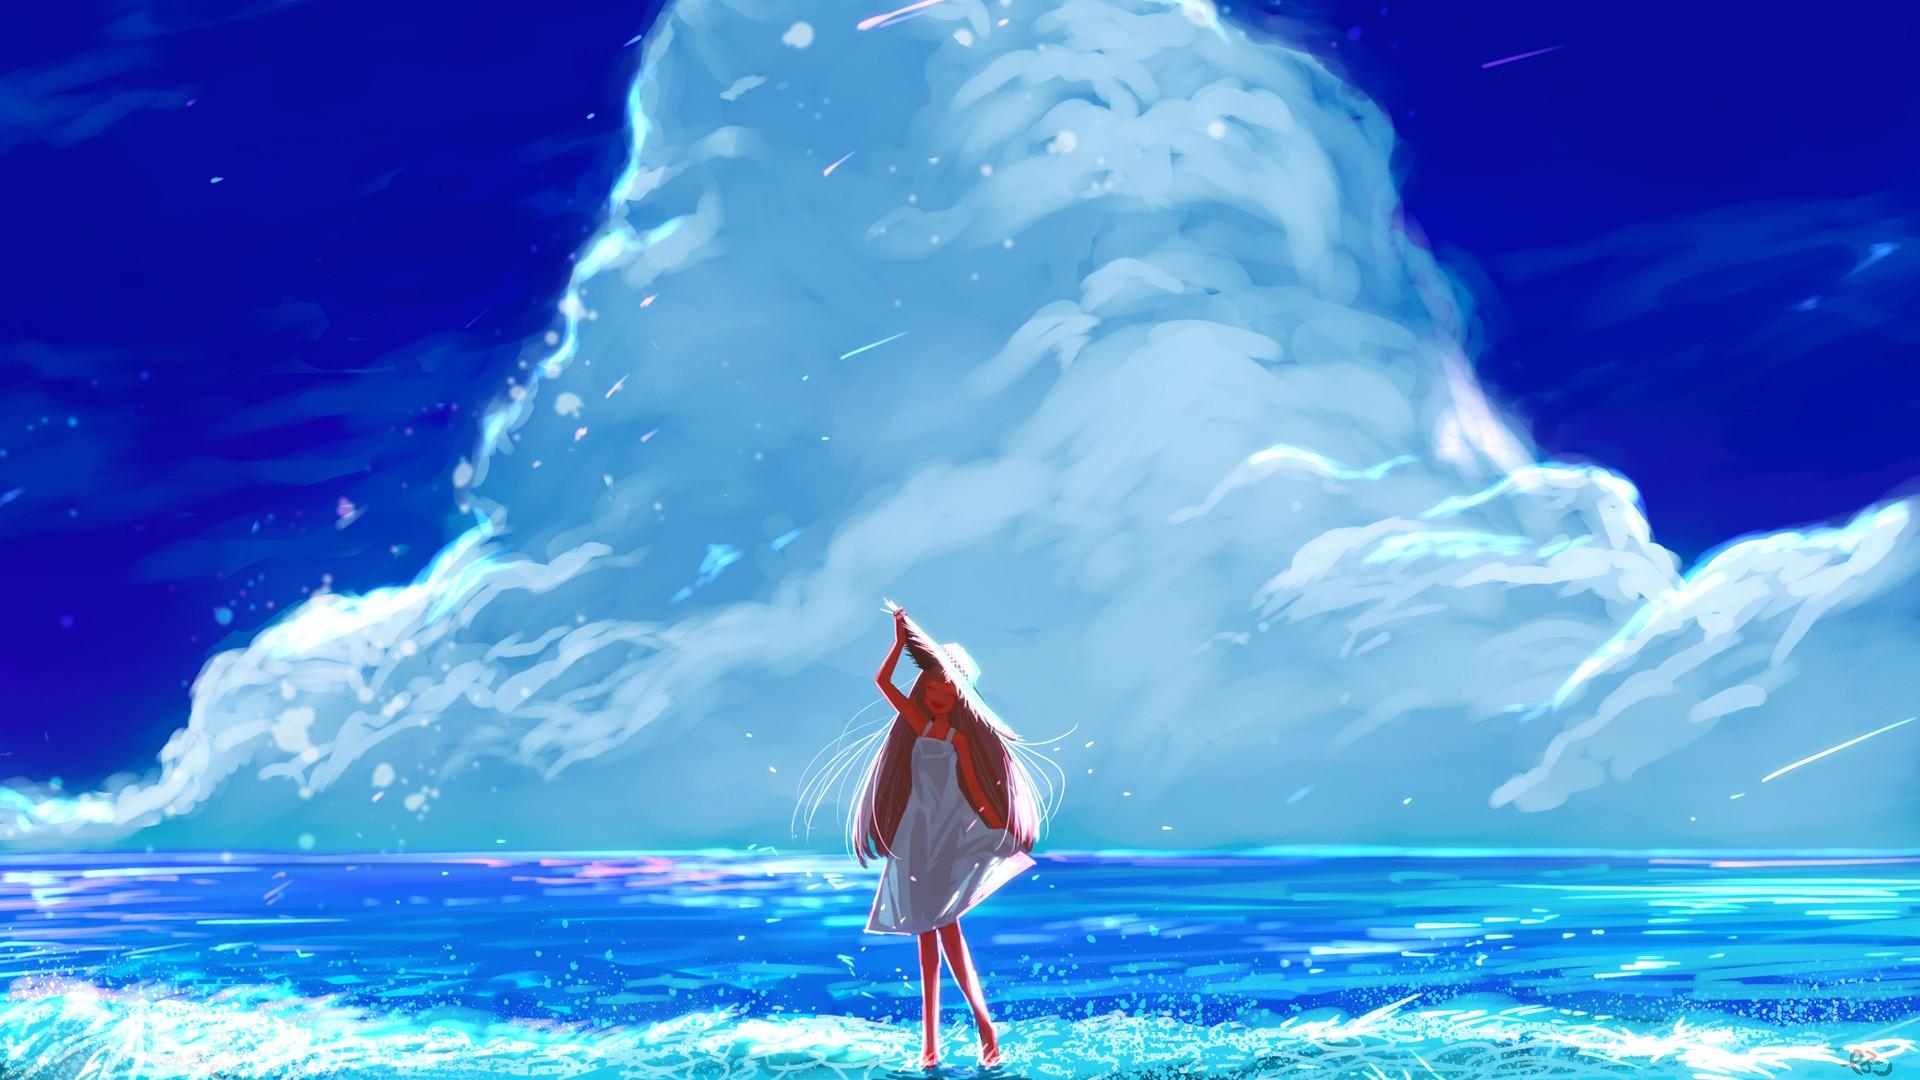 Anime Beach wallpaper photo hd